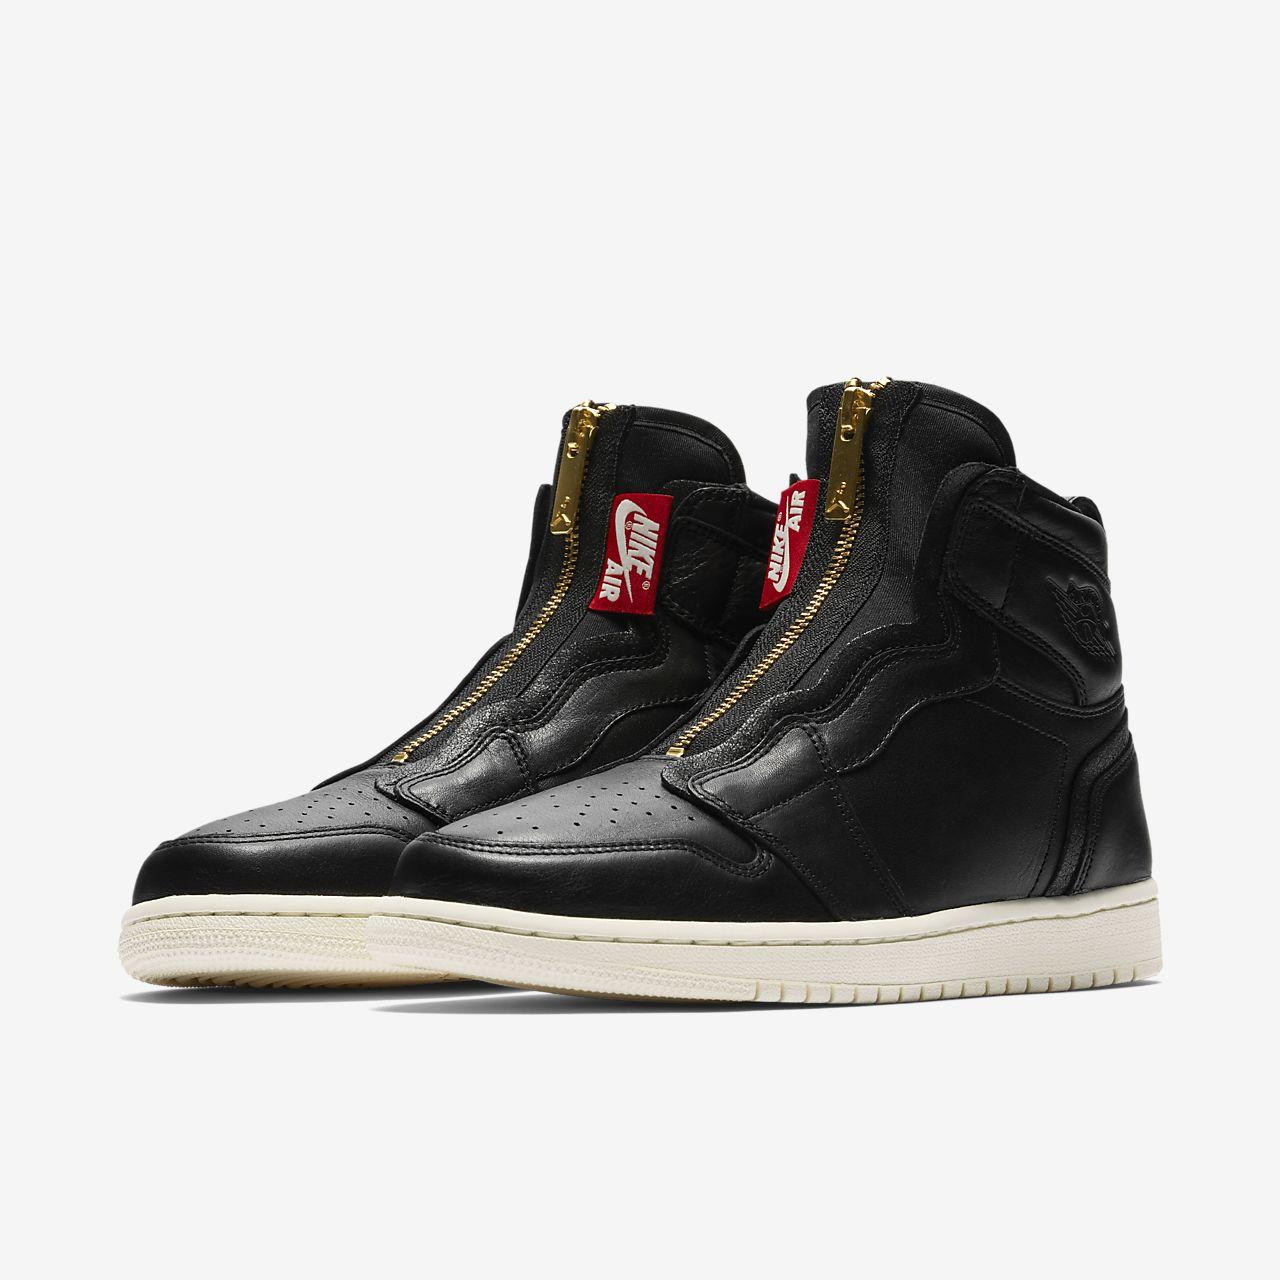 0820e3164d3e Air Jordan 1 High Zip Women s Shoe. Nike.com